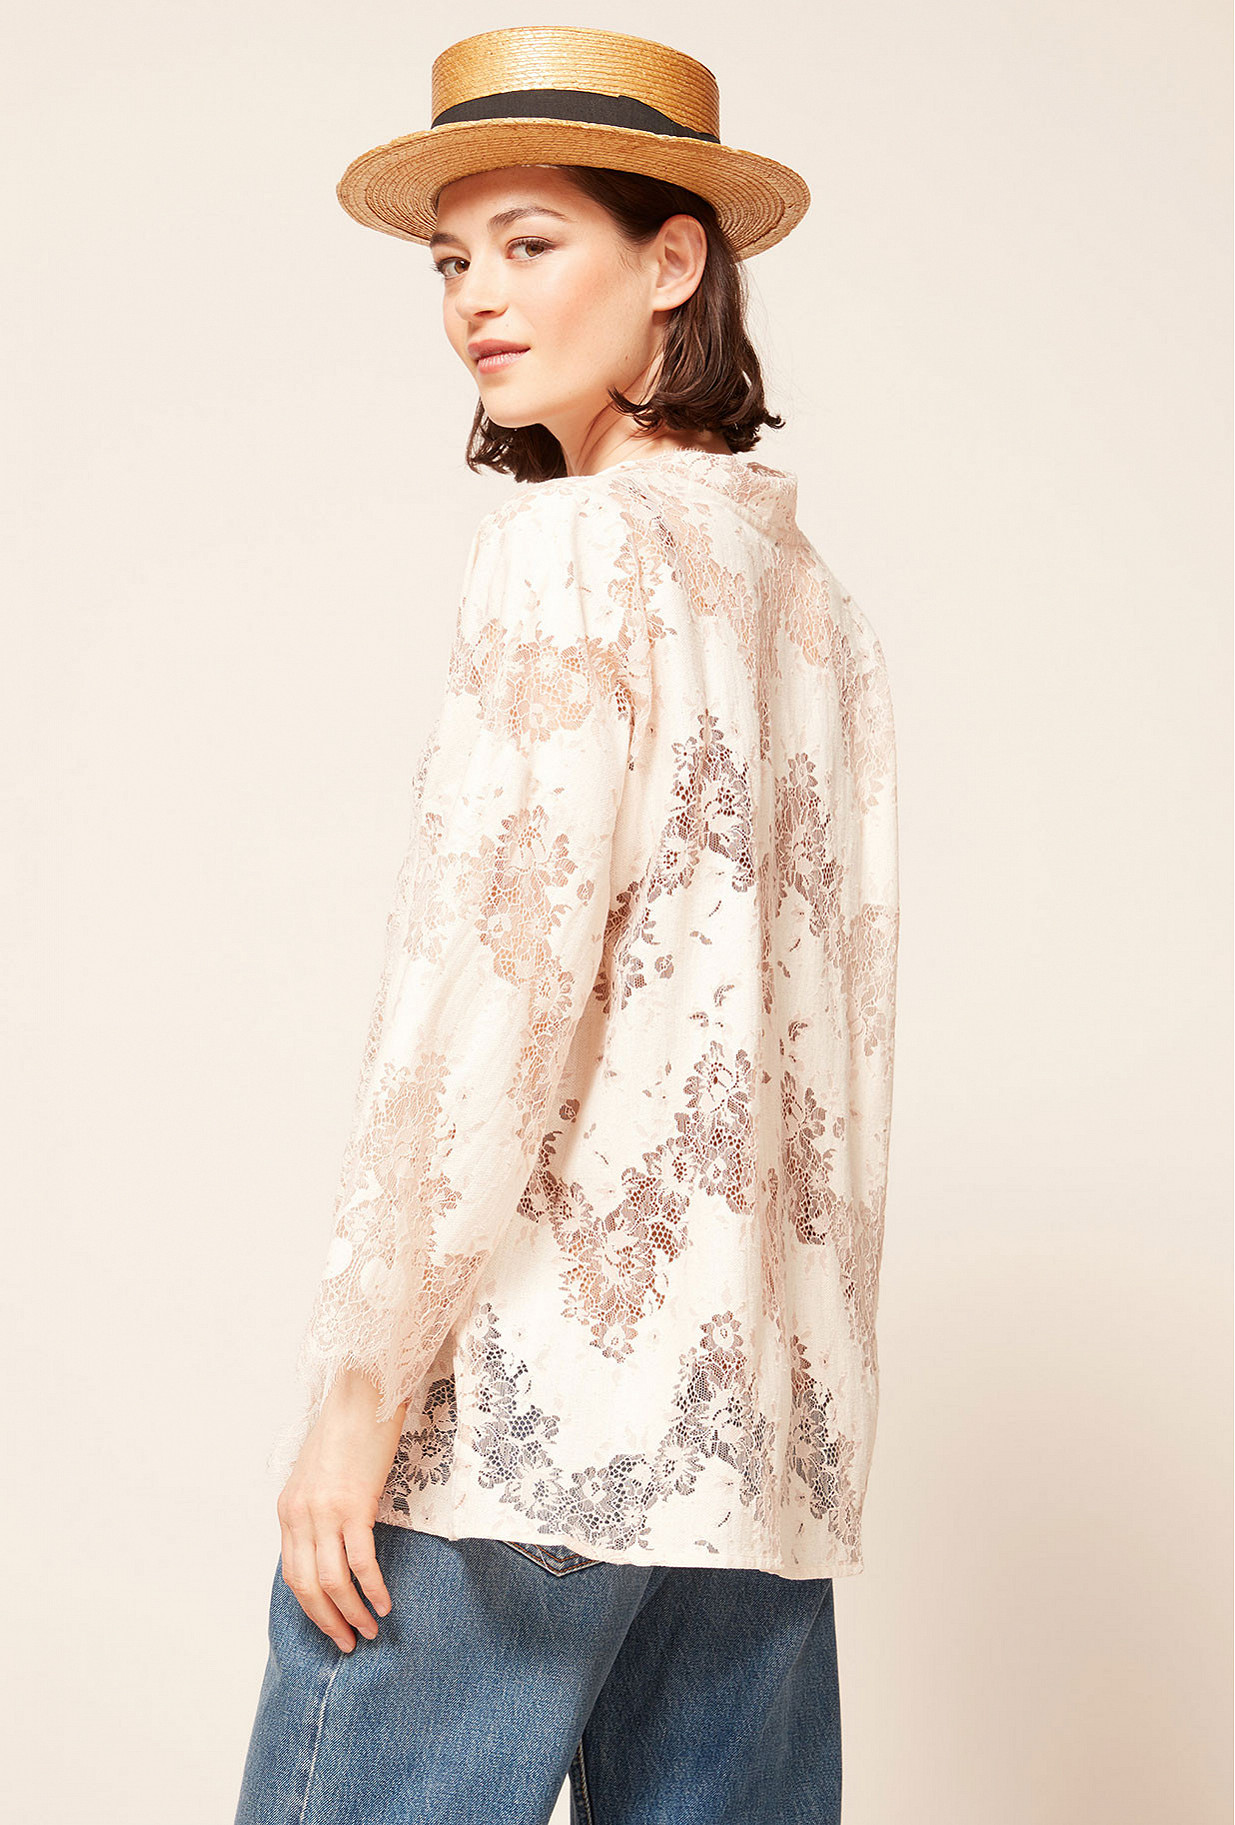 Paris boutique de mode vêtement Kimono créateur bohème  Alix